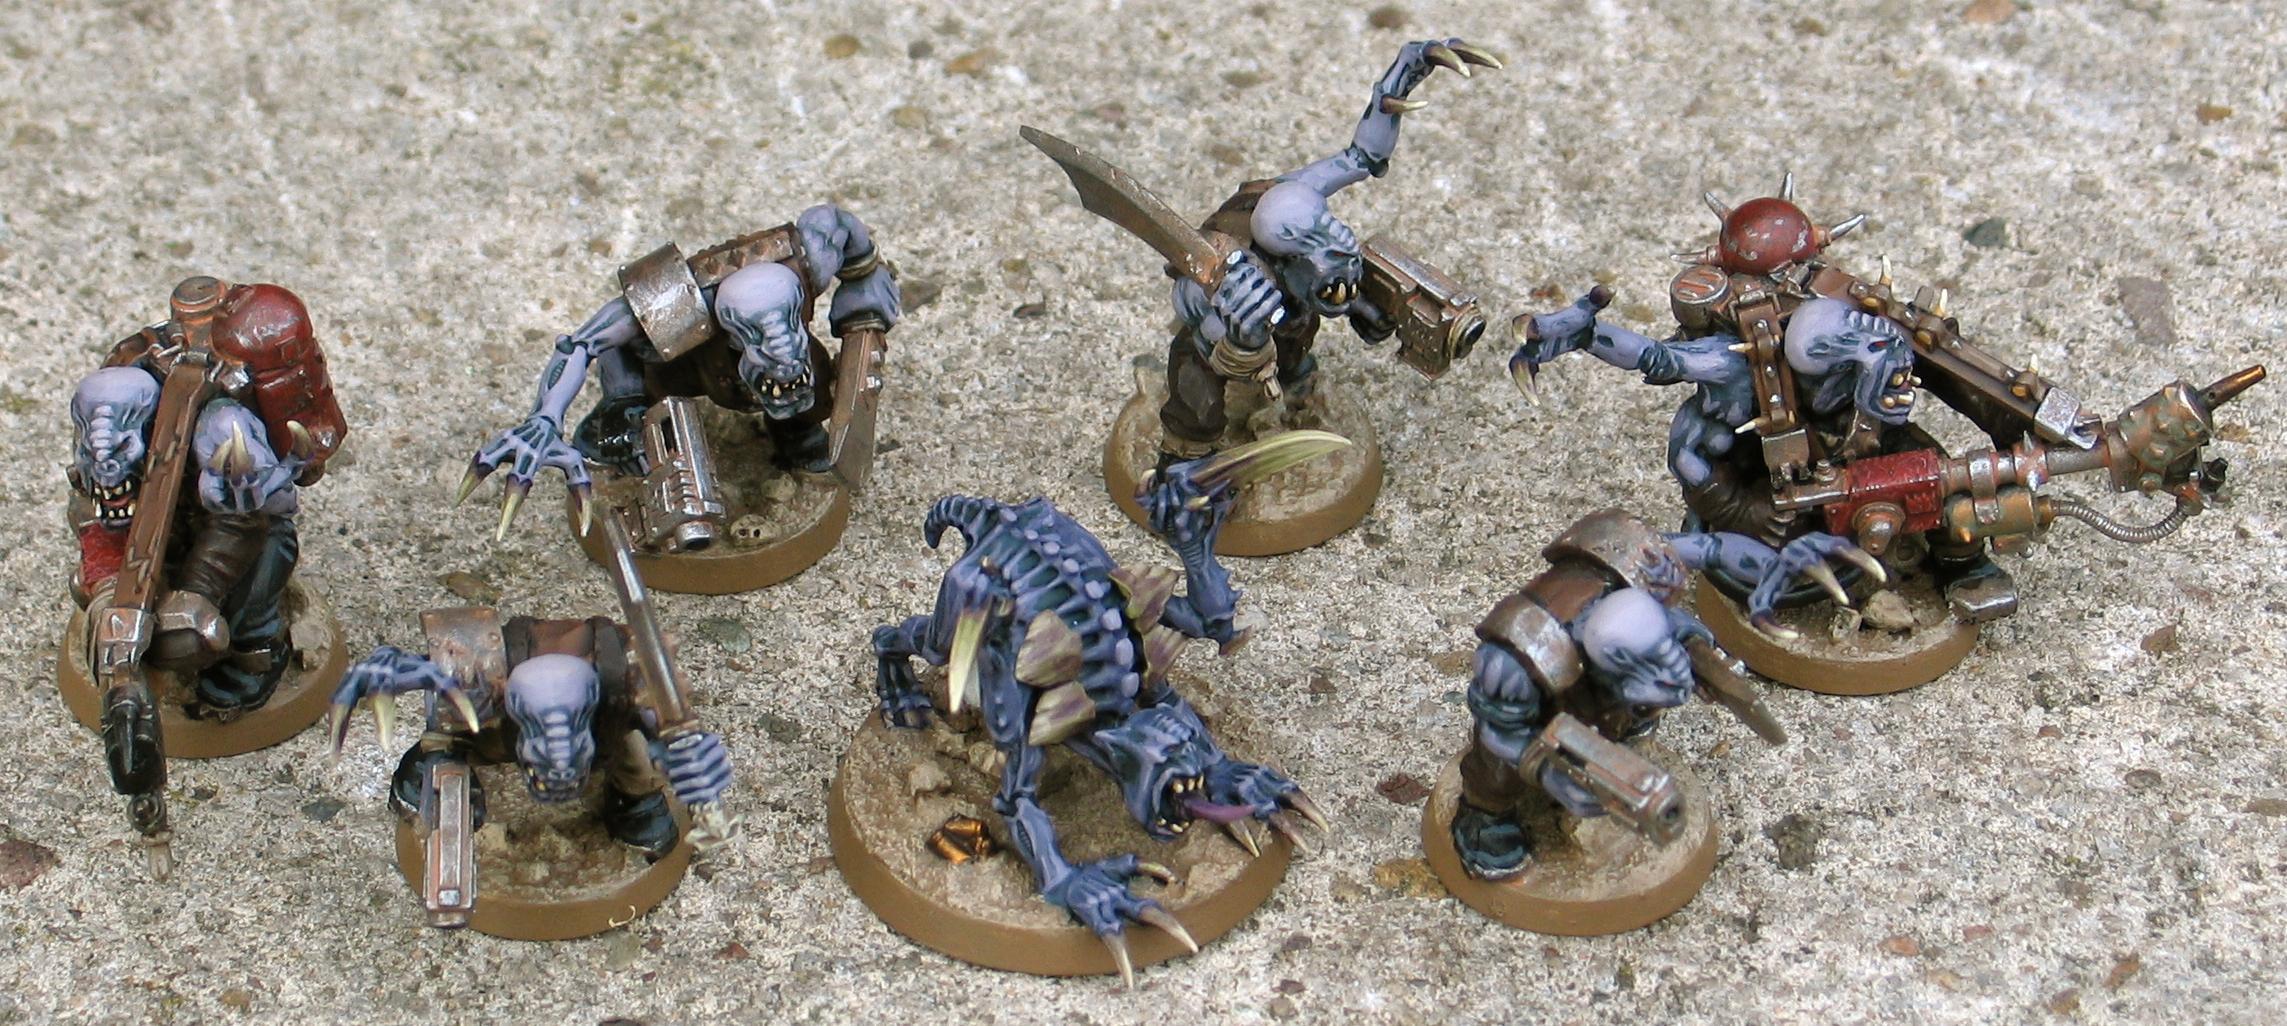 Genestealer Cult, Genestealer Hybrid, Kommandos, Orks, Snikrot